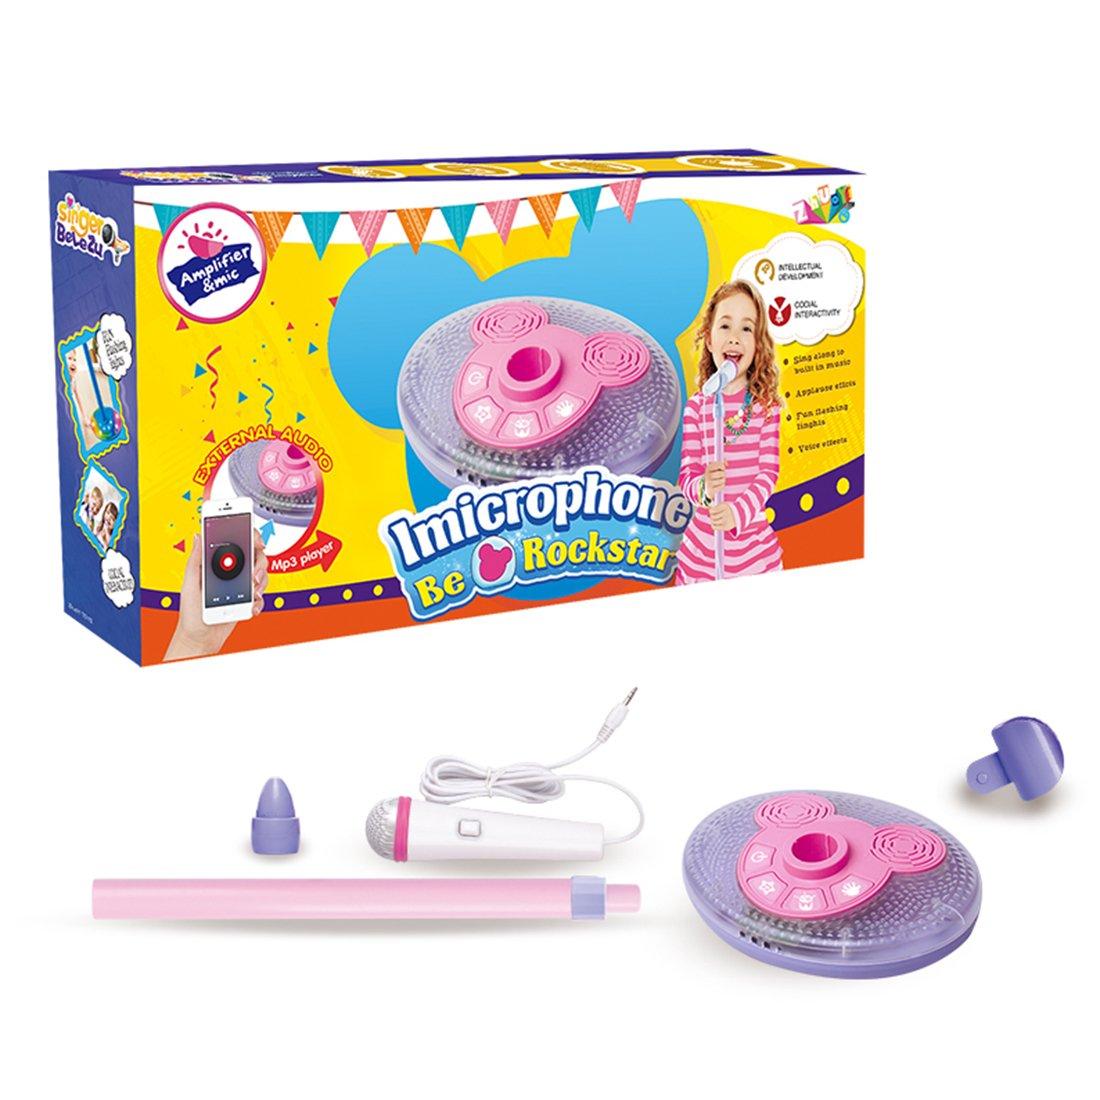 YuHuaFUShi Kids Karaoke Machine, Microphone with Adjustable Stand Singing Karaoke Machine for Toddler Girls (Pink) by YuHuaFUShi (Image #3)